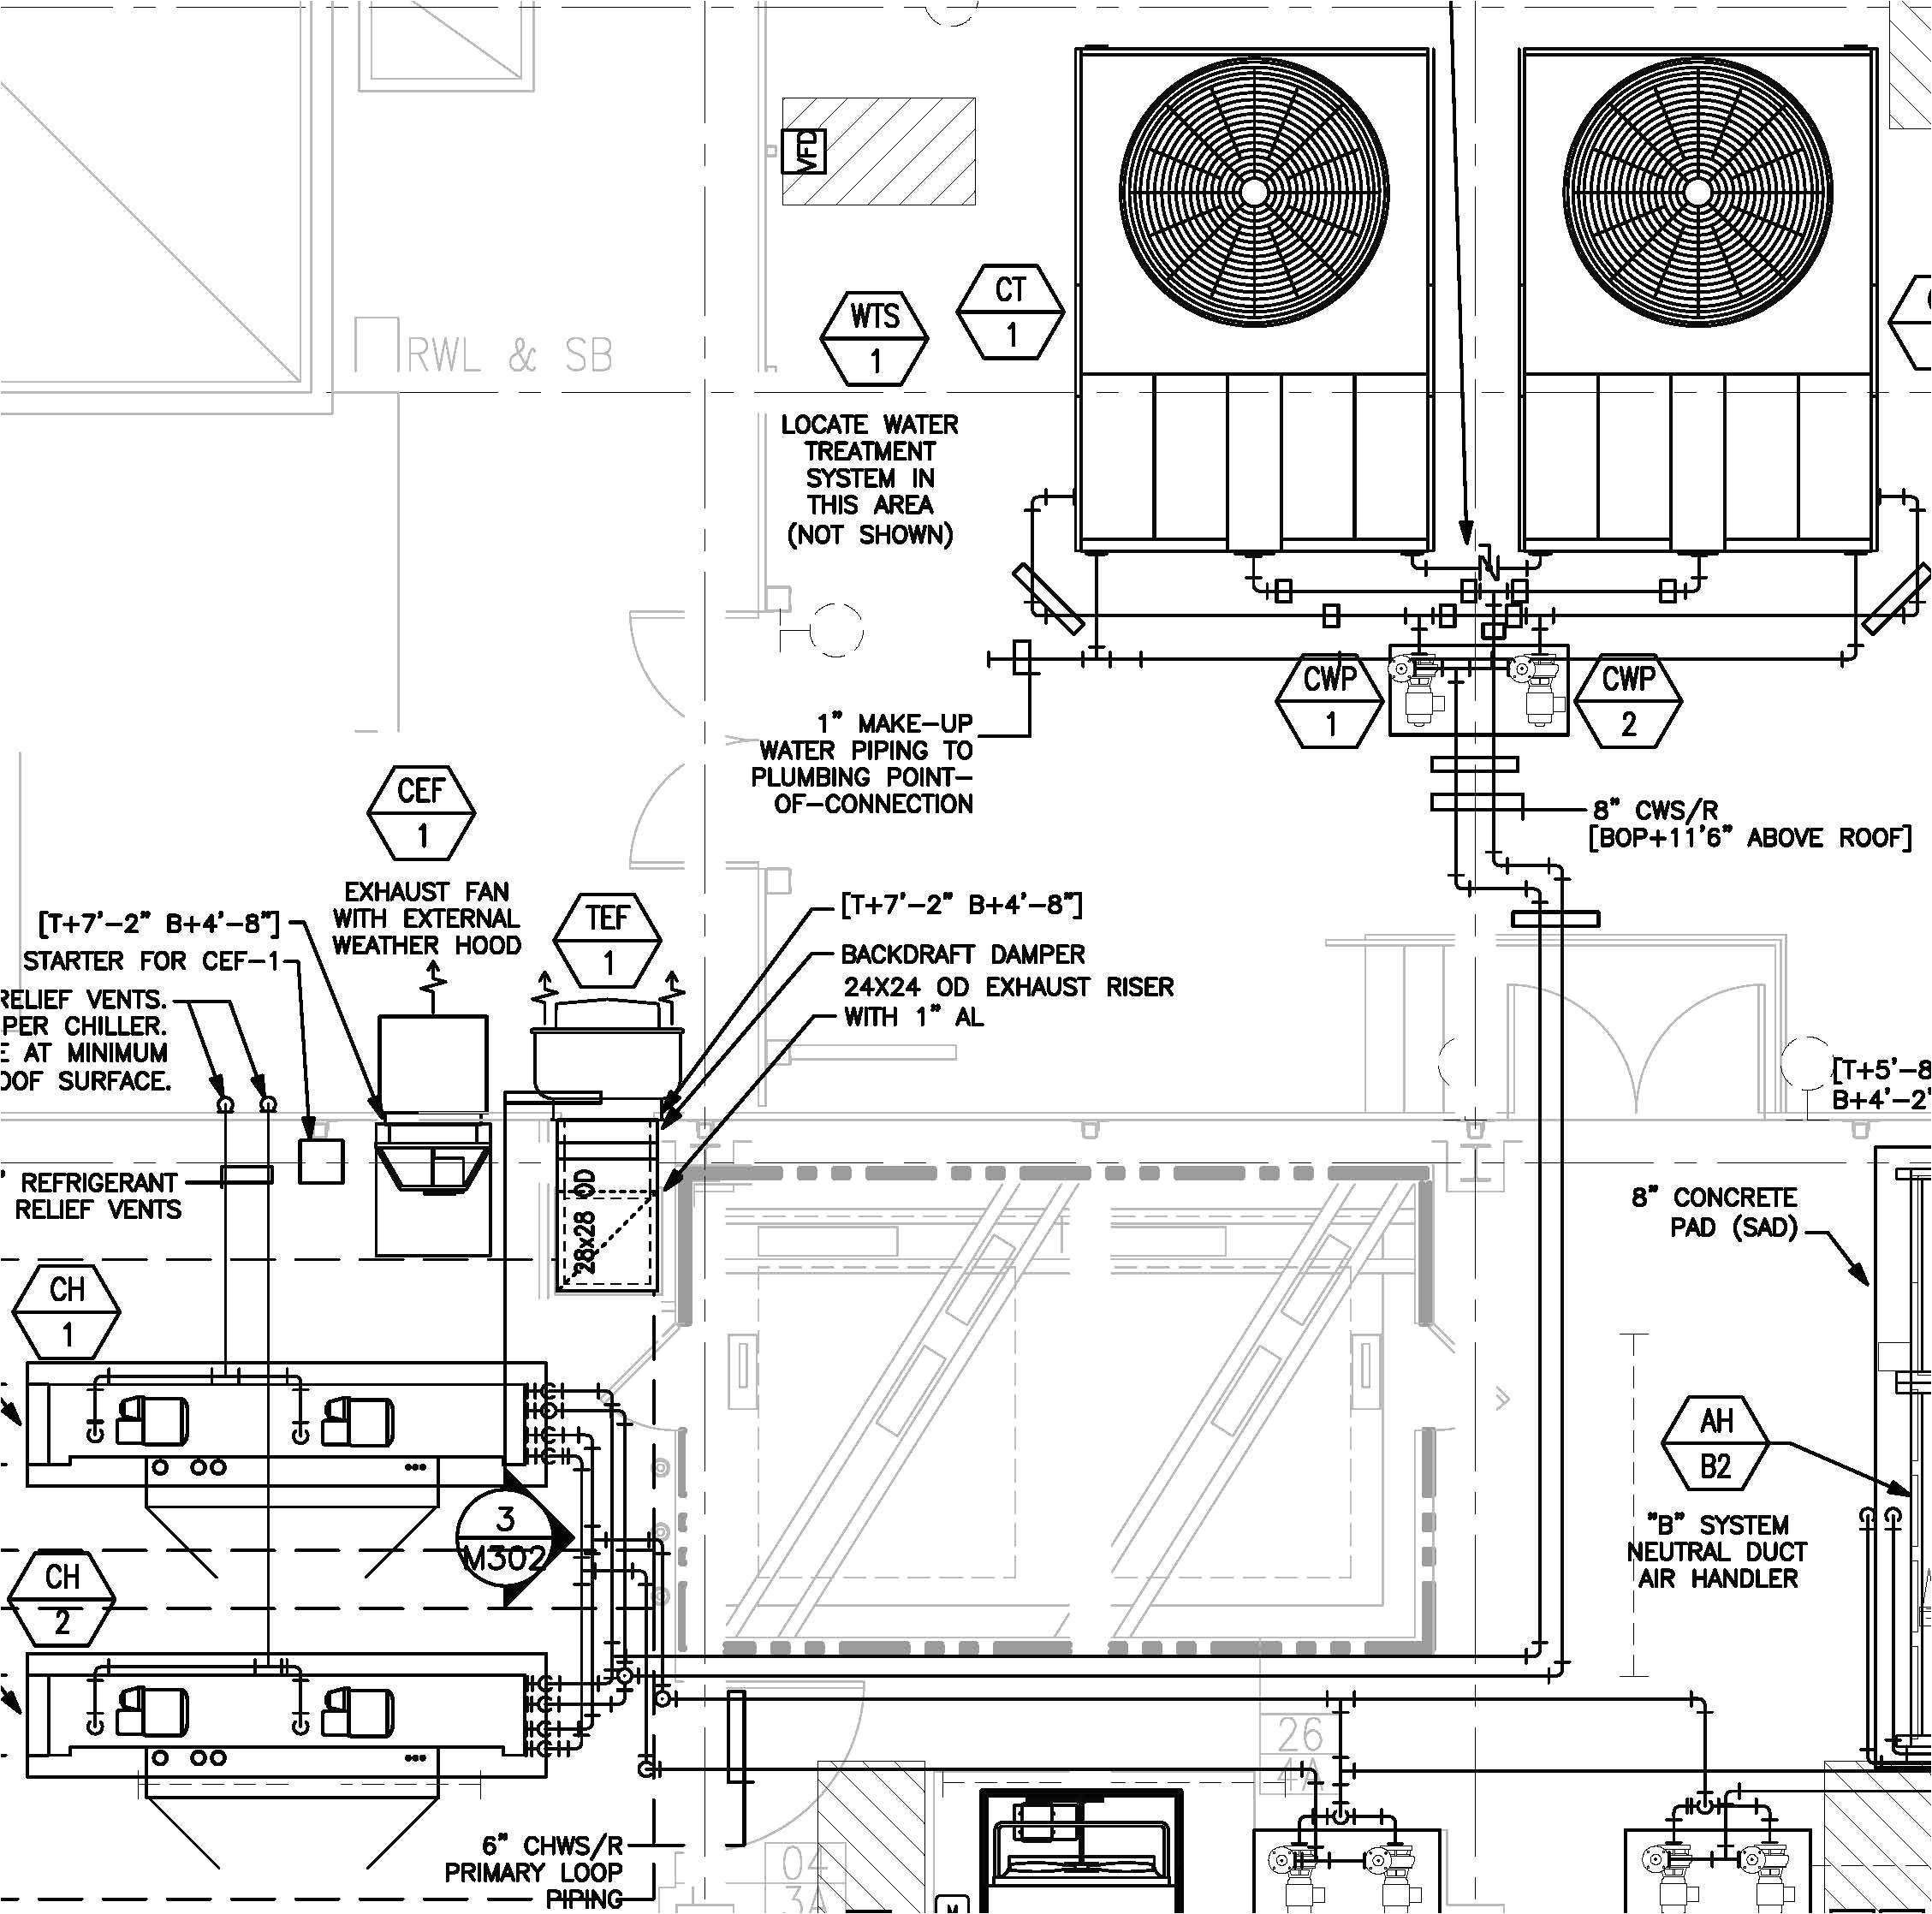 kohler k301 wiring diagram